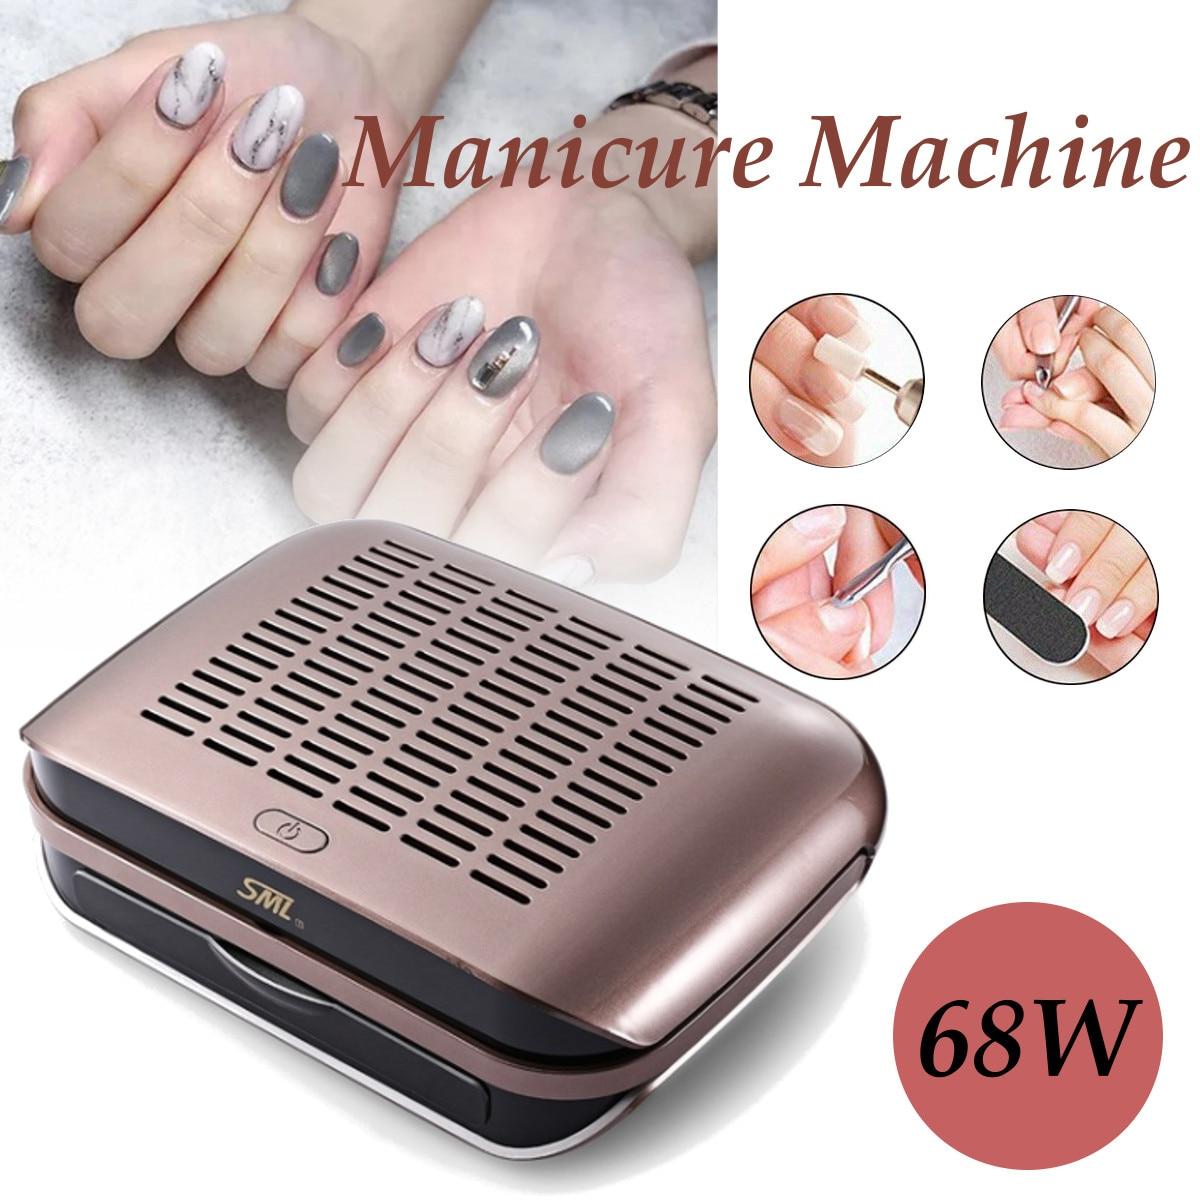 Nouveauté 68 W forte puissance ongles aspiration collecteur de poussière ongles collecteur de poussière aspirateur ongles ventilateur Art Salon manucure machine